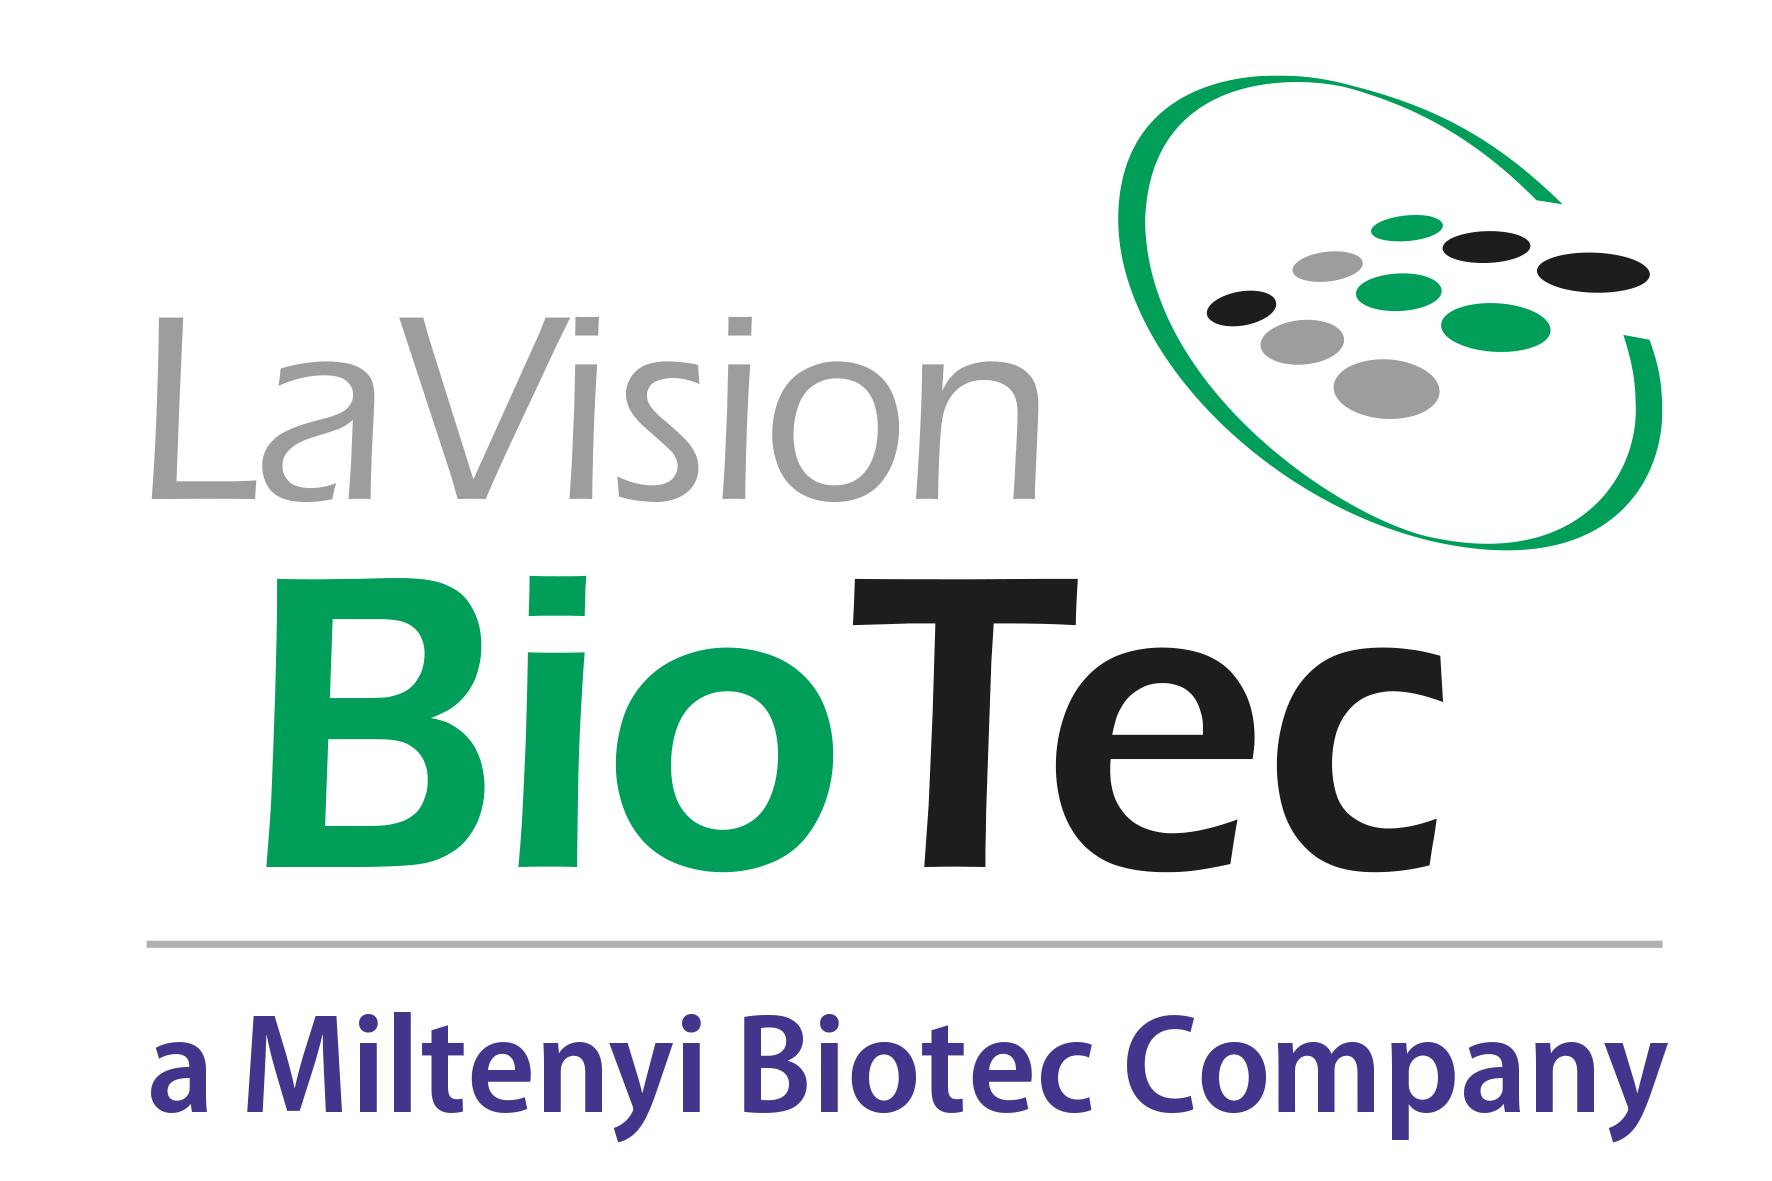 LaVision BioTec